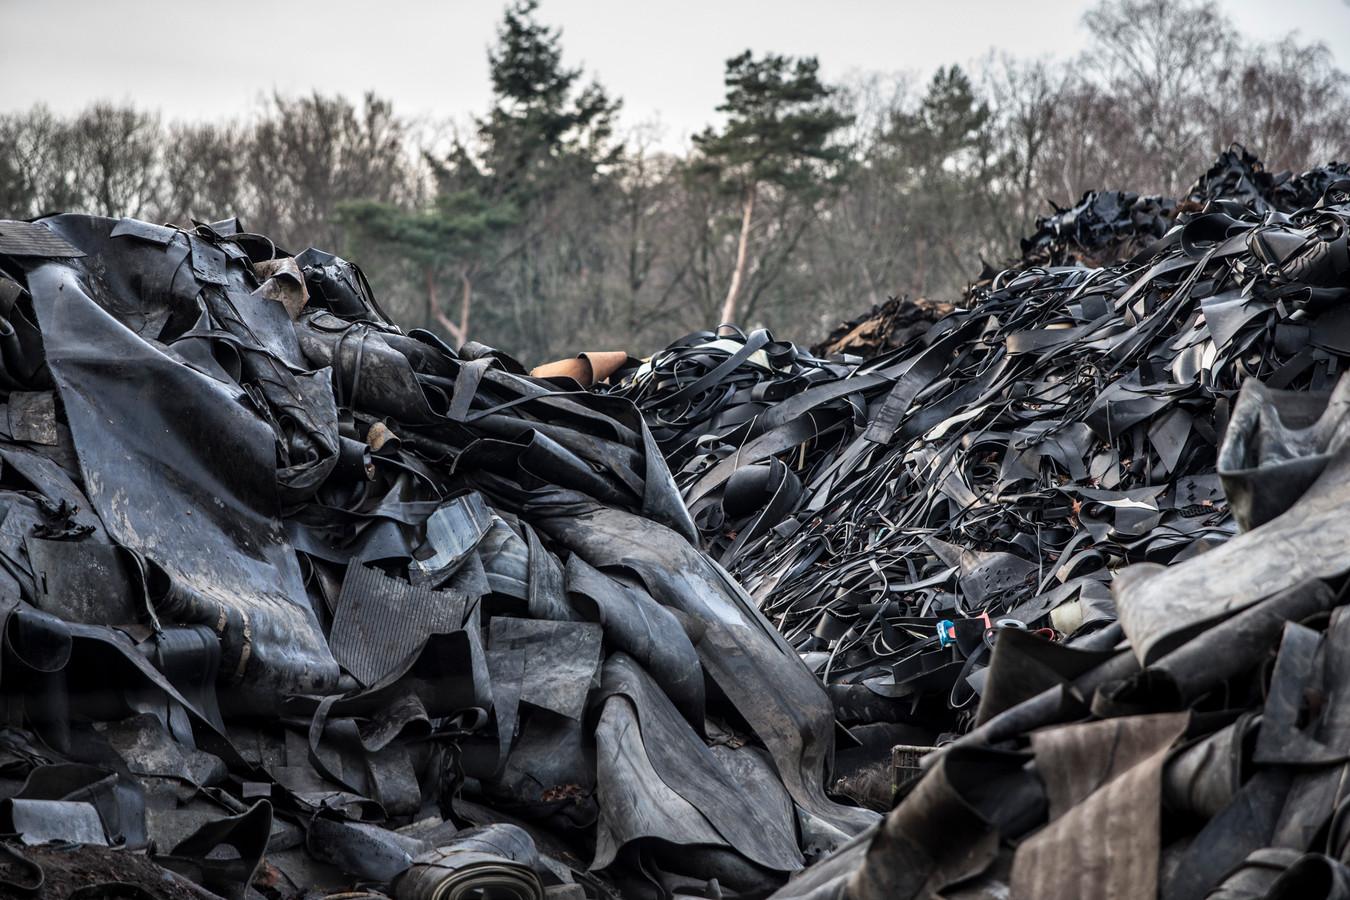 Scheggertdijk Almen, Doornberg Recycling is in onderhandeling met de gemeente omtrent een verhuizing.